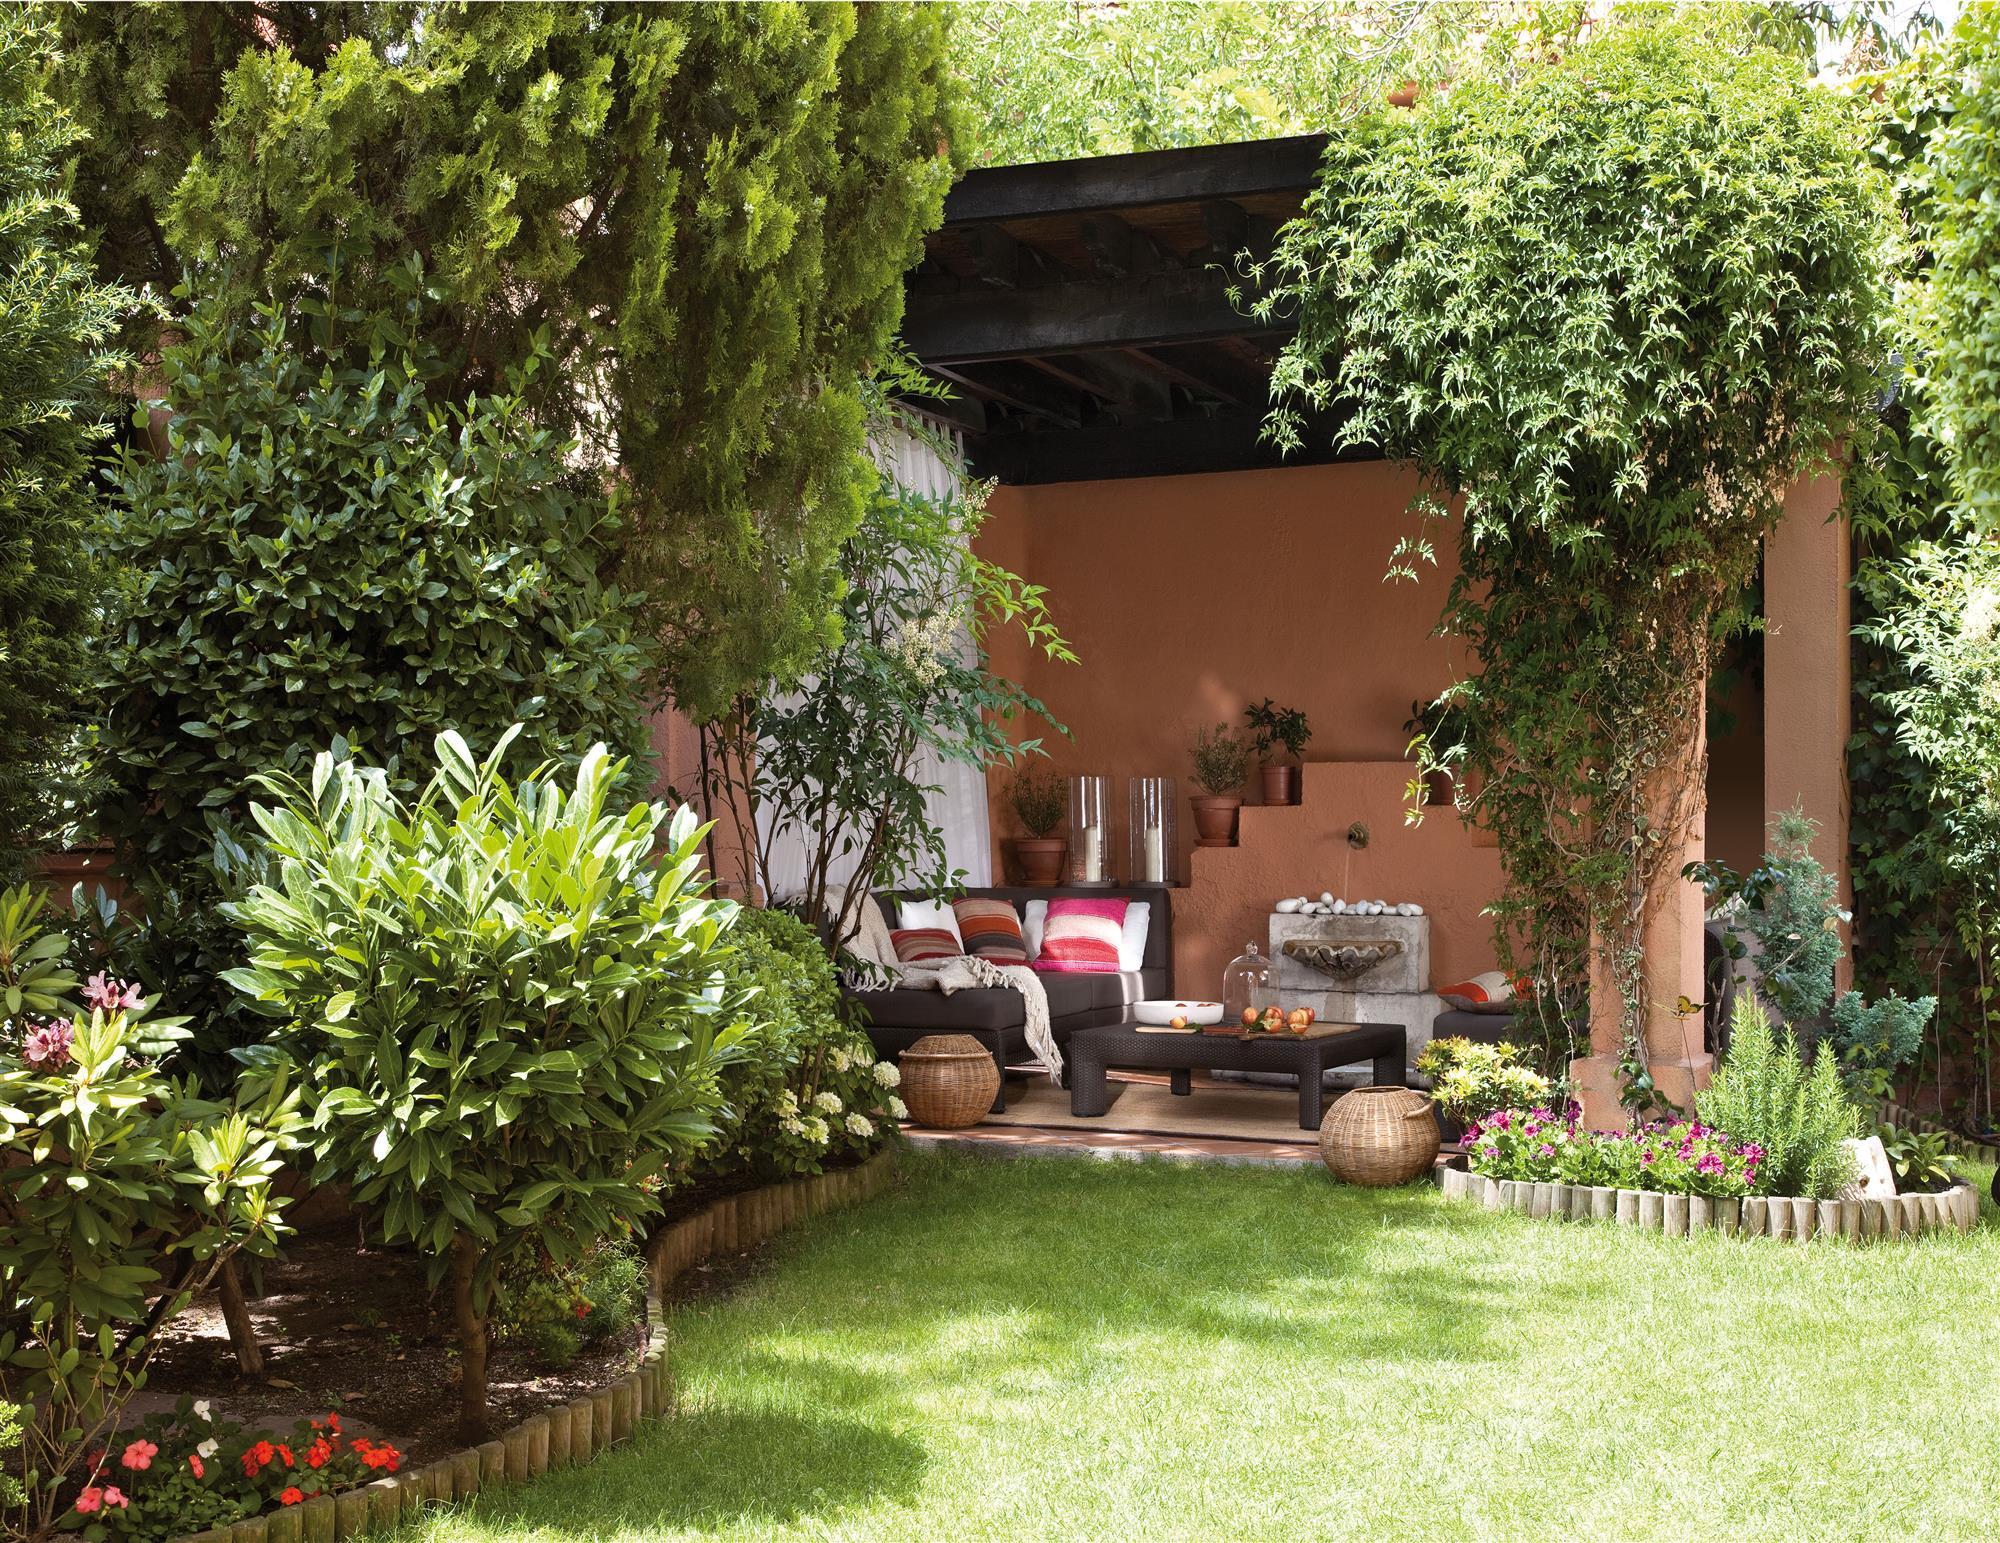 453 fotos de jardines - Casas y jardines ...